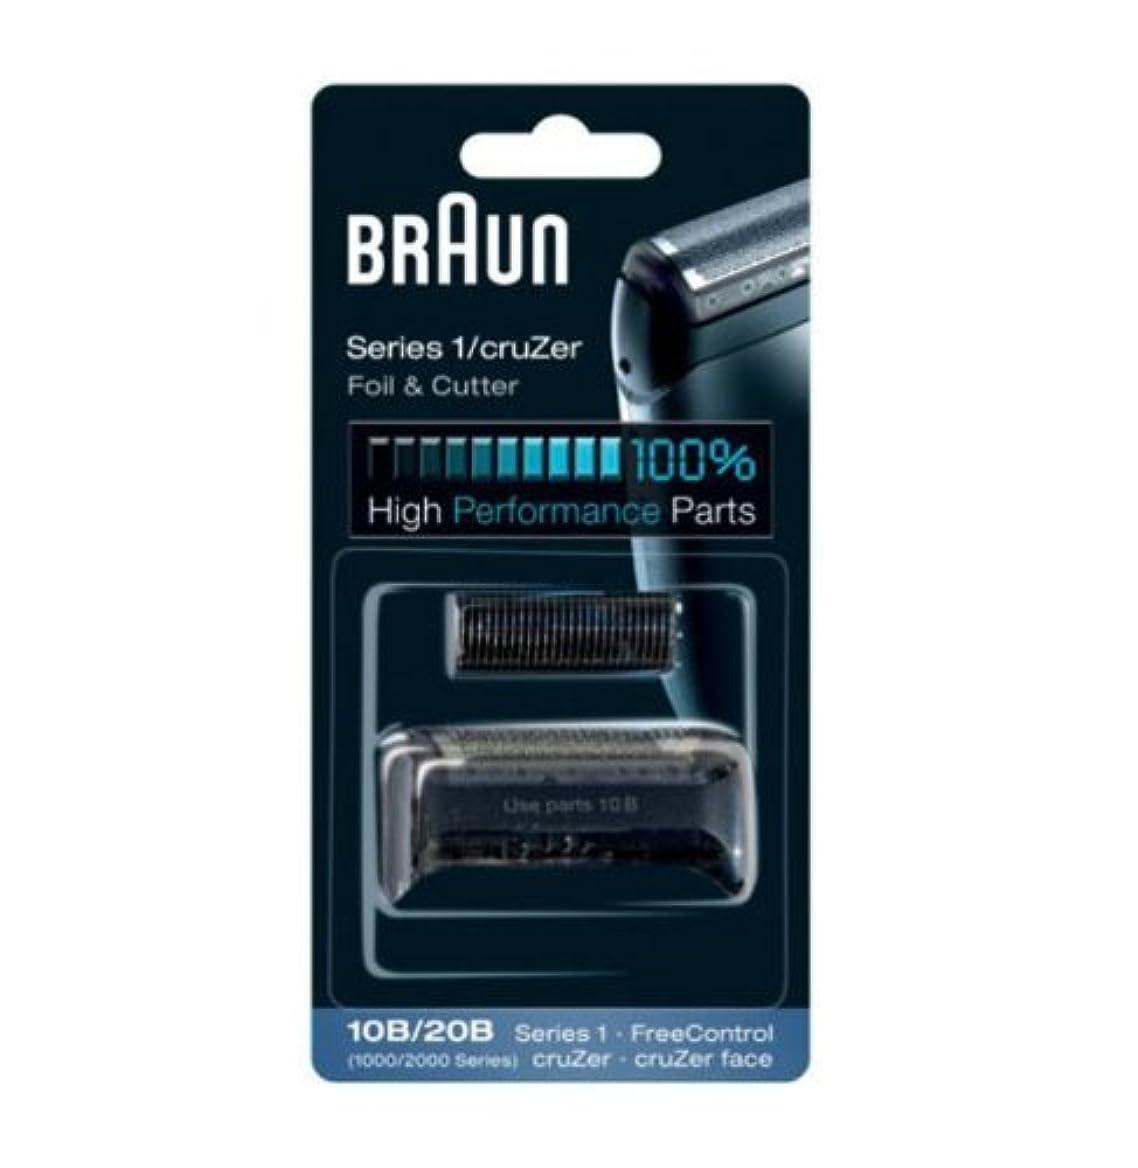 イノセンス動詞高度Braun Replacement Foil & Cutter - 10B, Series 1,FreeControl - 1000 Series by Braun [並行輸入品]